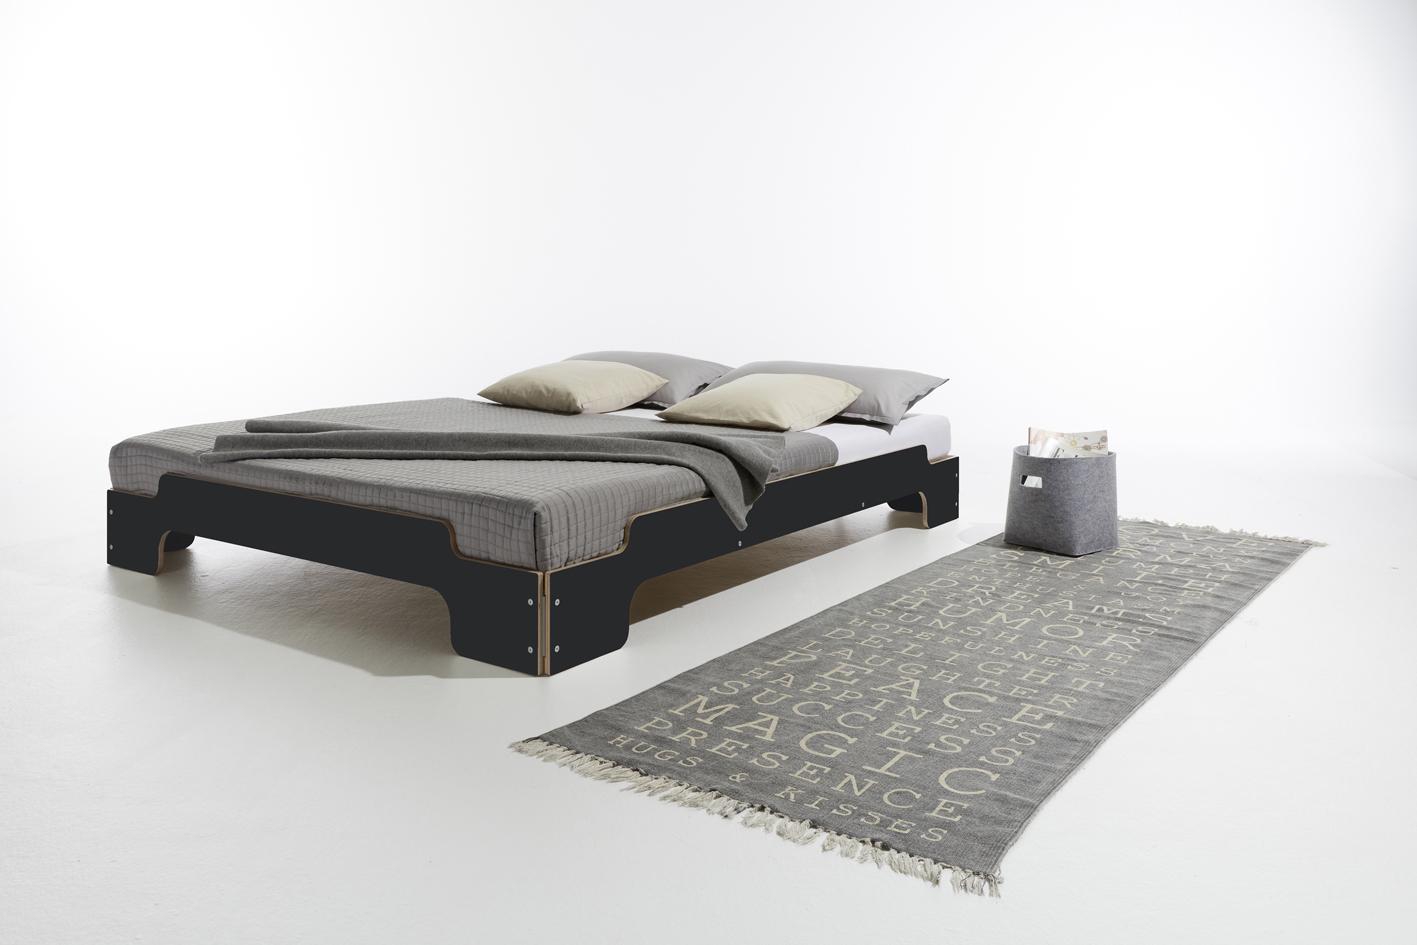 Stapelliege Komfort schwarz matt Detailbild 1